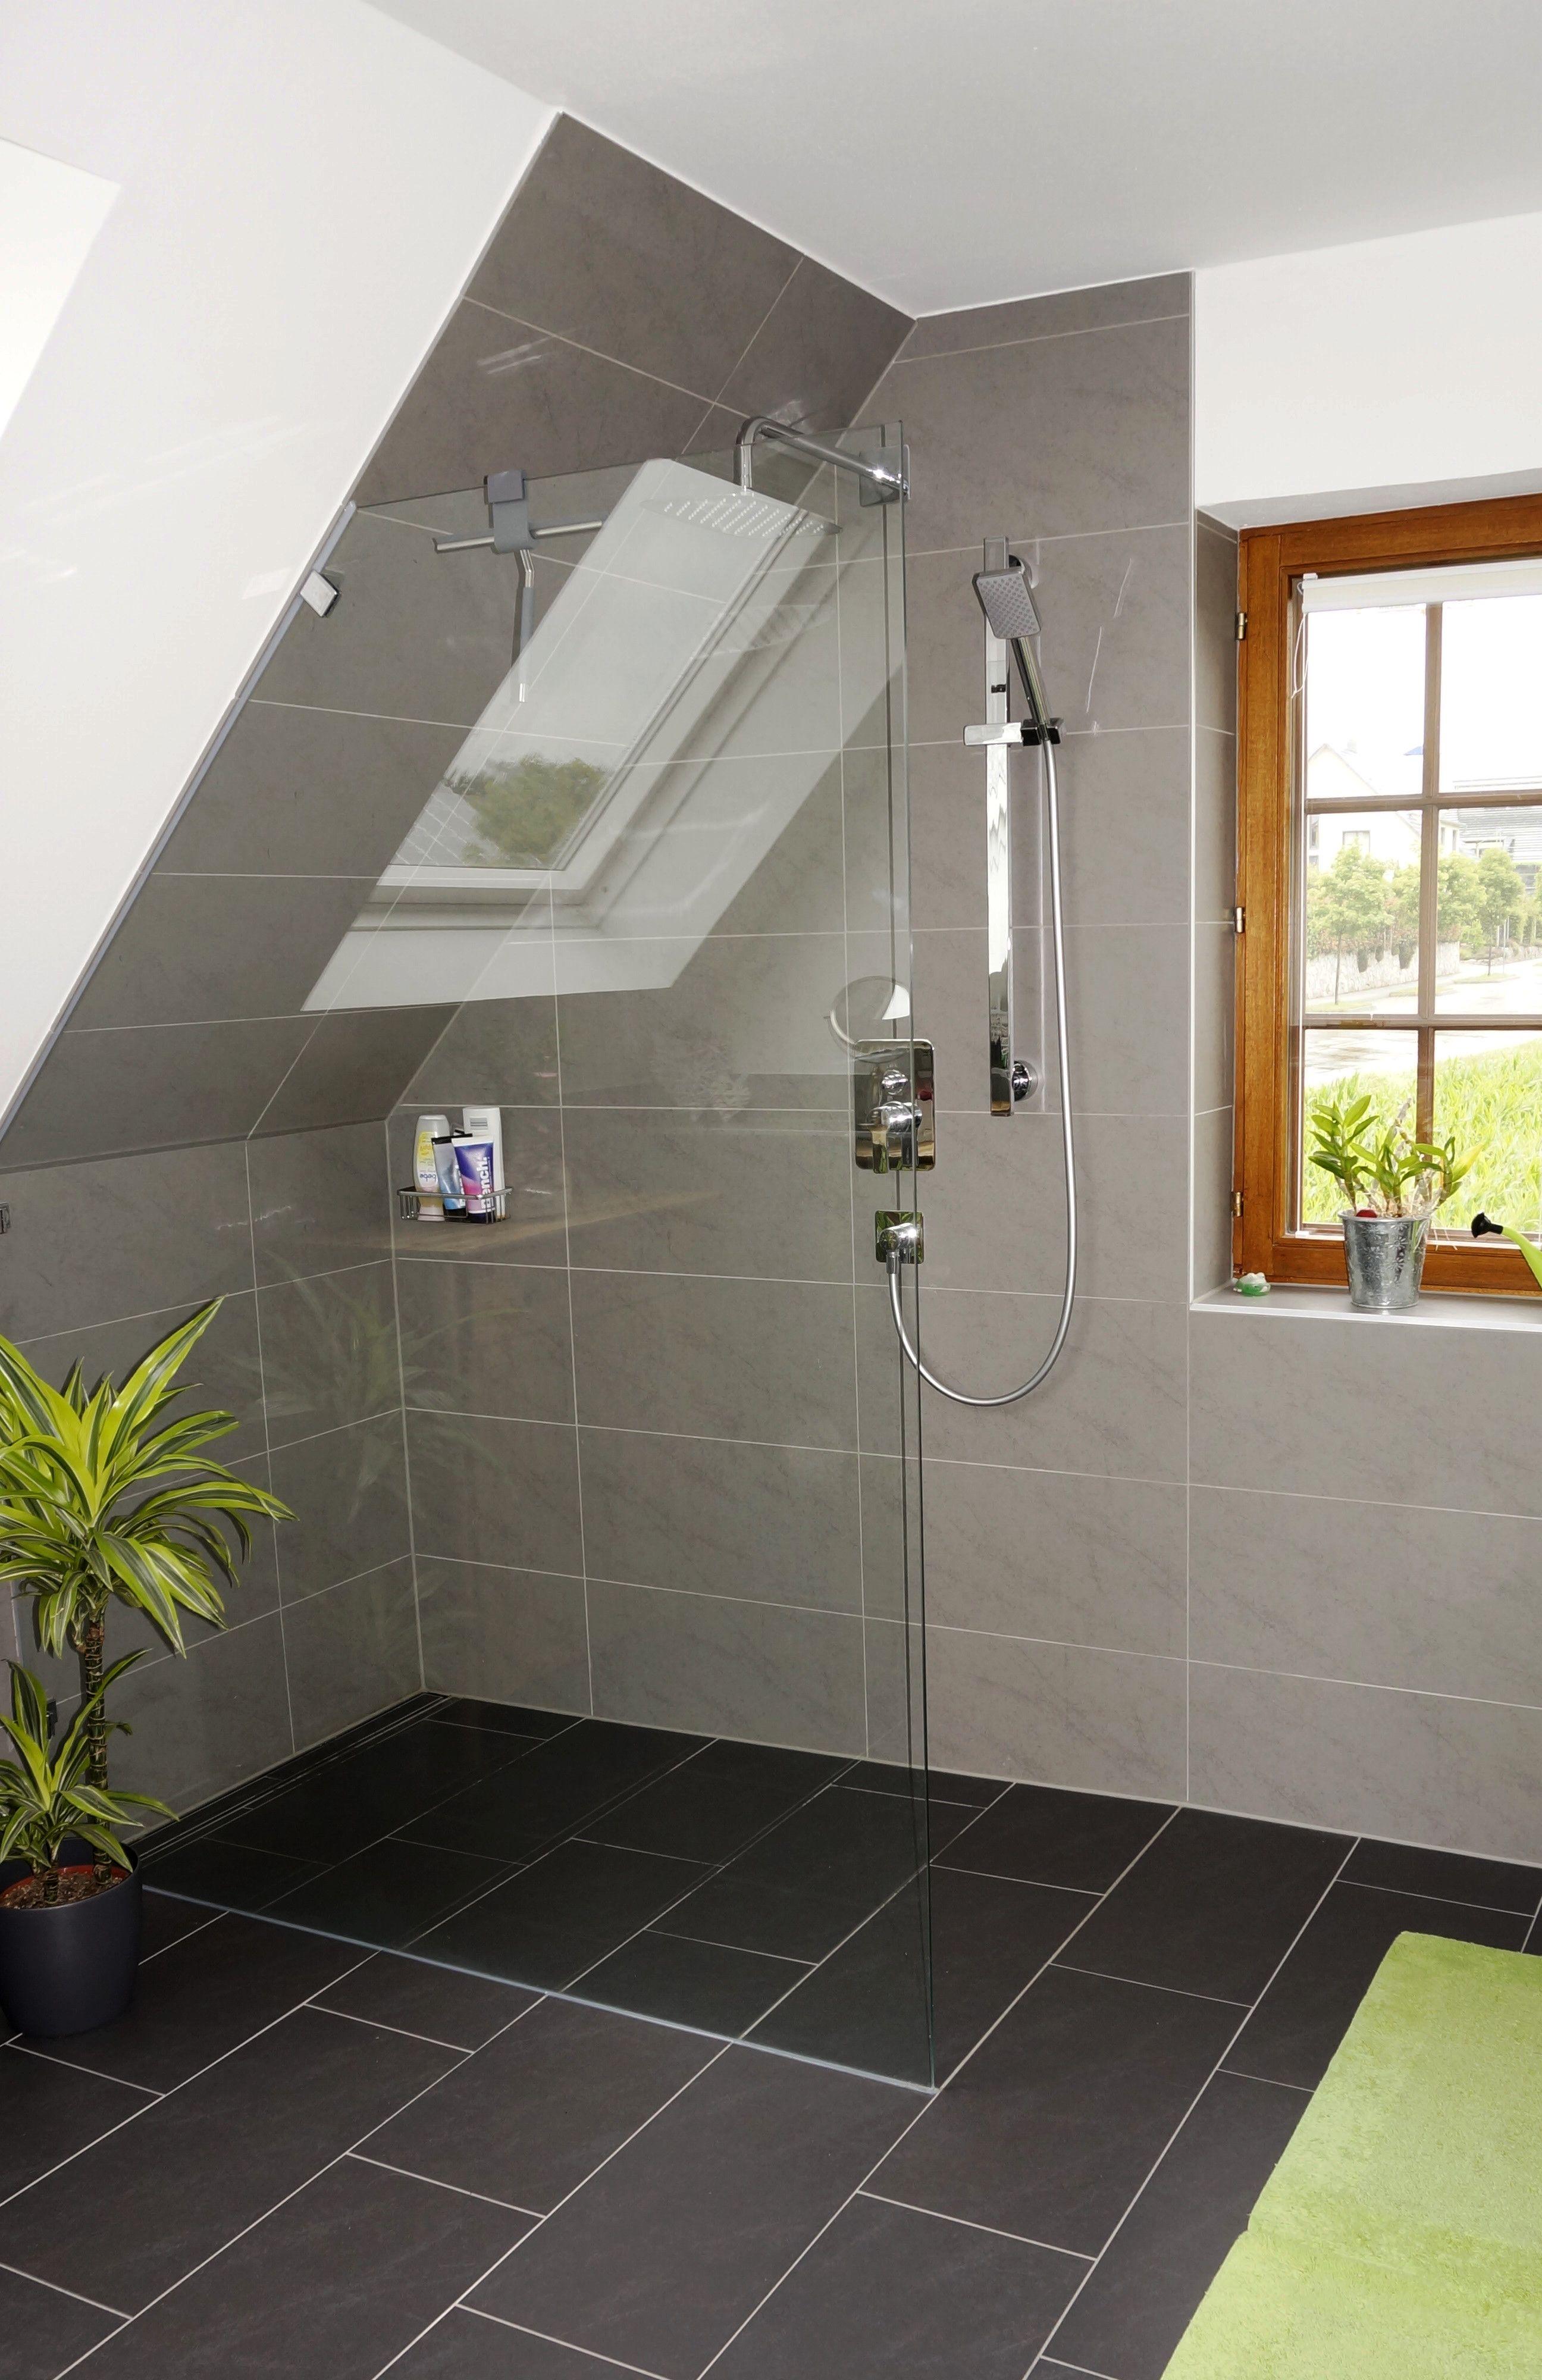 Graues Badezimmer Mit Maritimem Touch 14467 Potsdam Badezimmer Badezimmer Dachschrage Badezimmer Mit Schrage